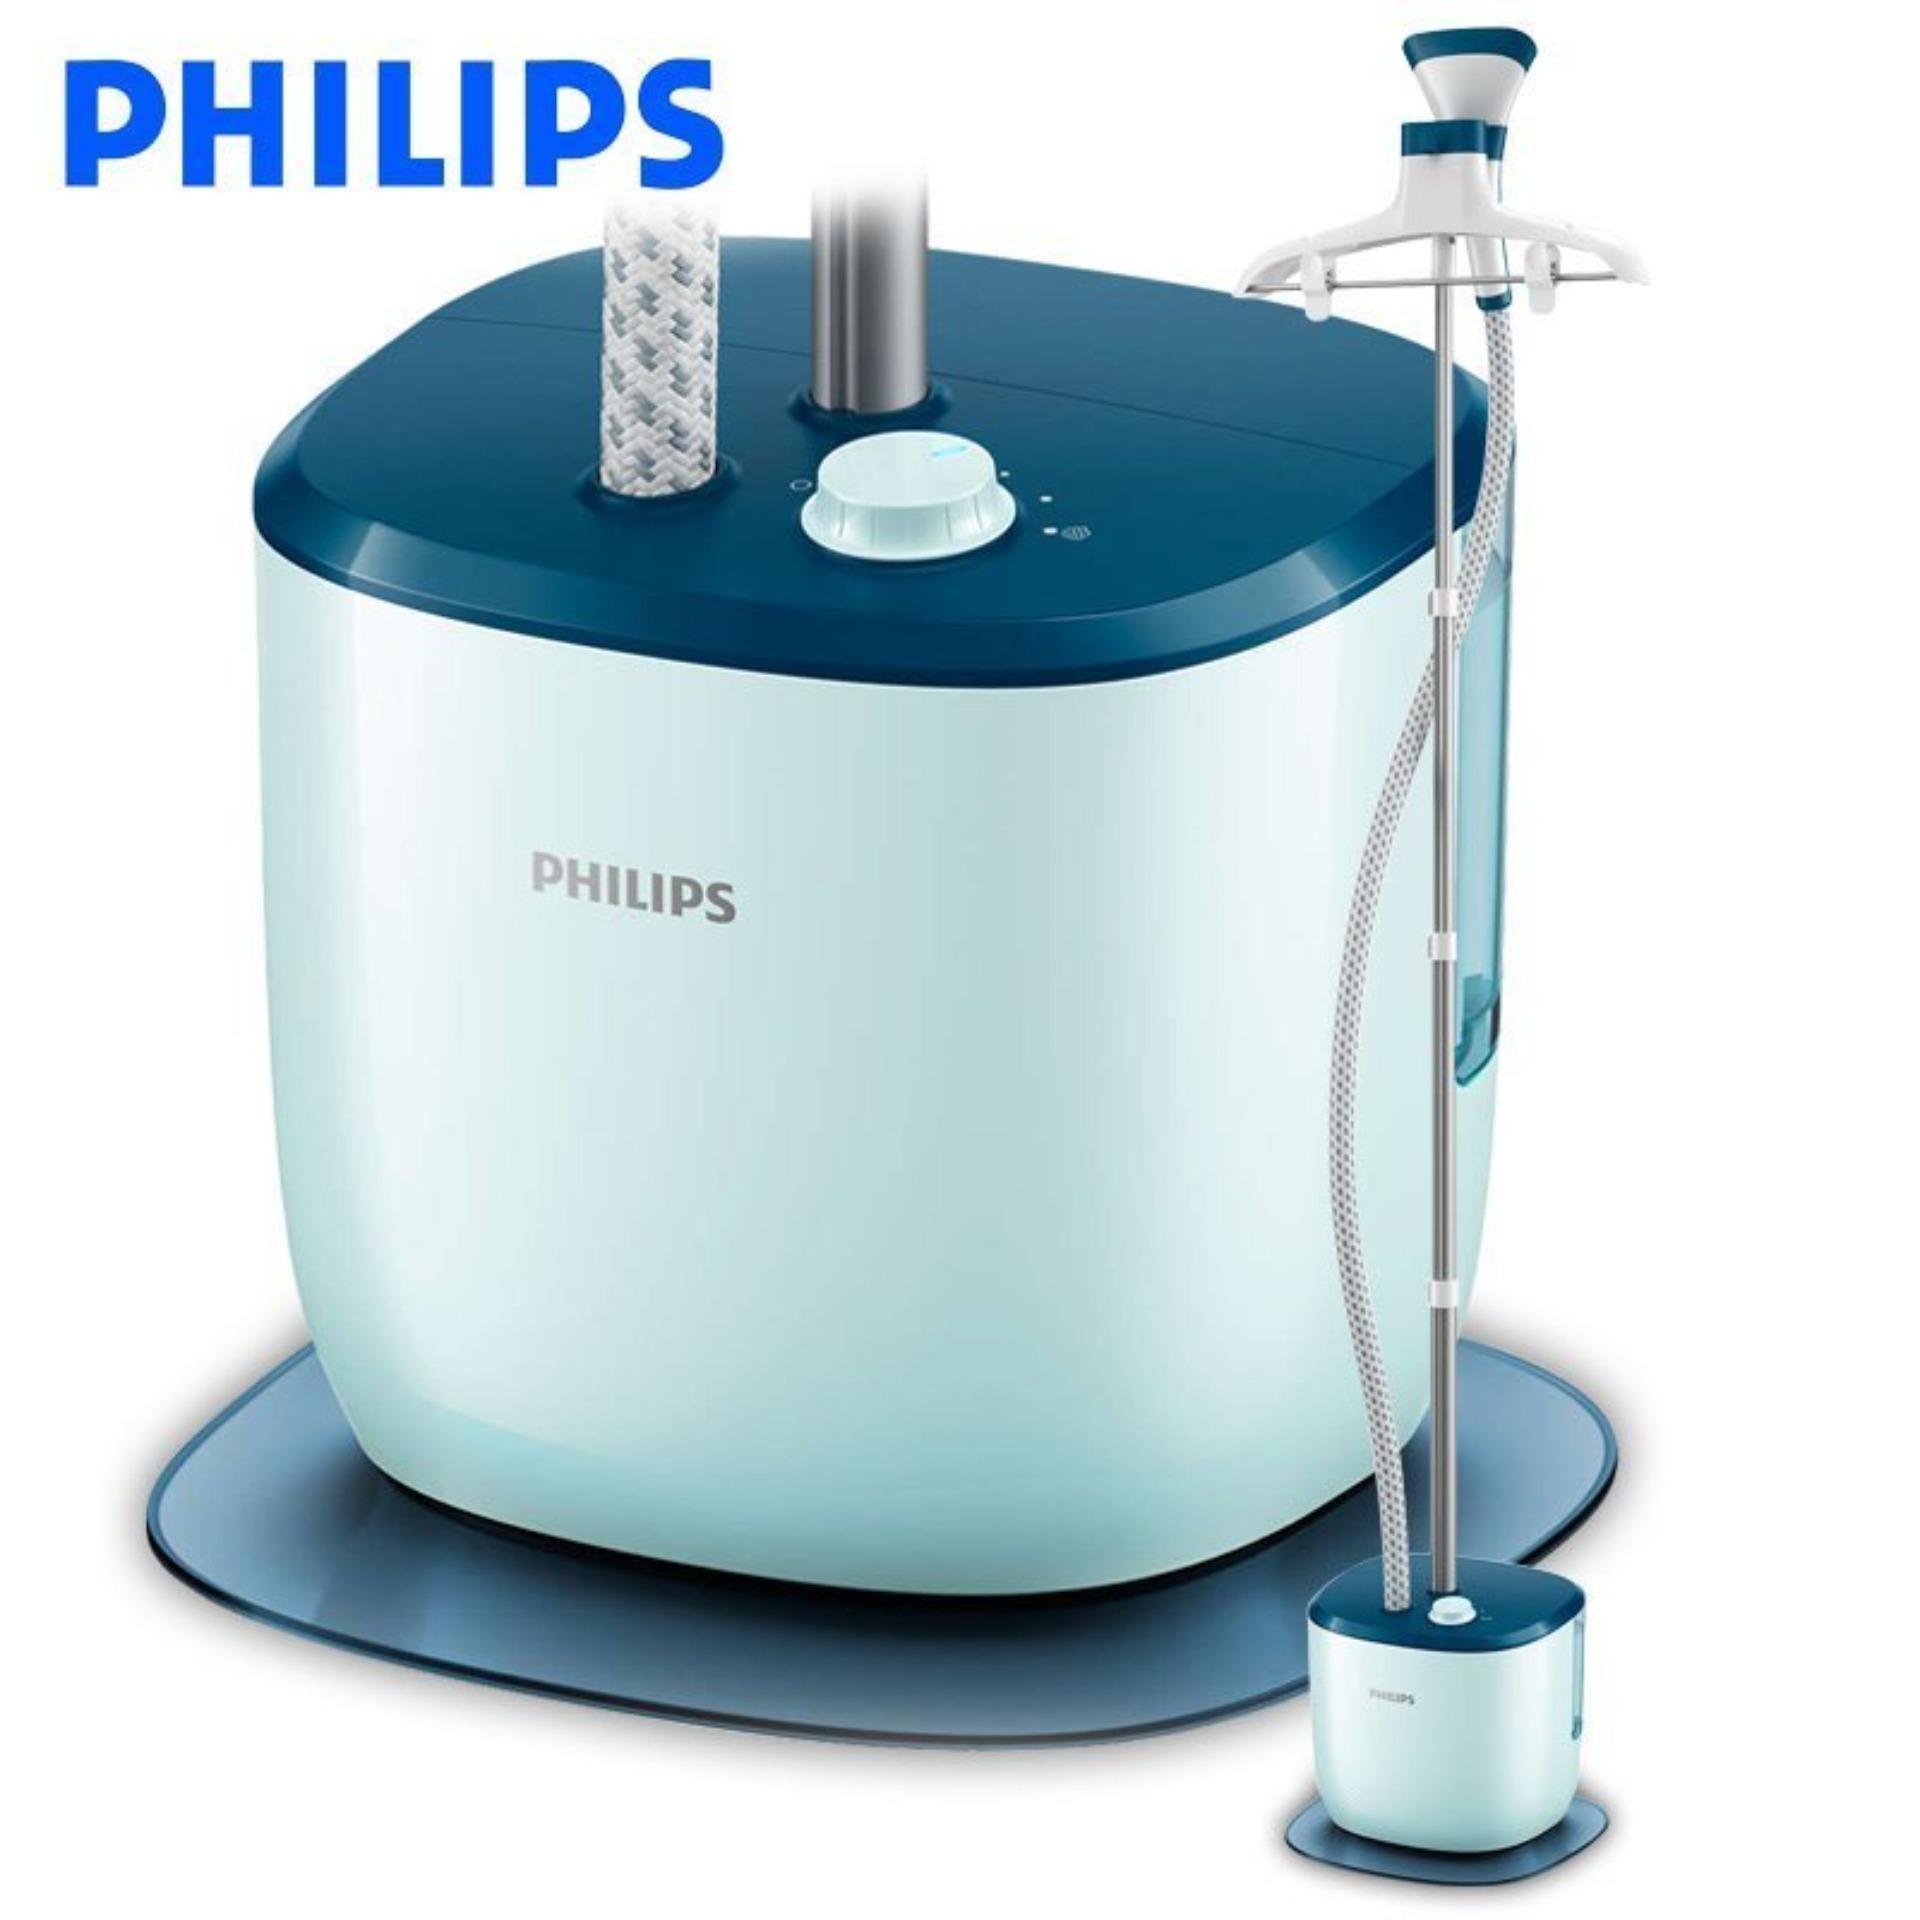 Bàn ủi hơi nước đứng Philips GC516 (Xanh phối trắng ) - Tương đương GC518